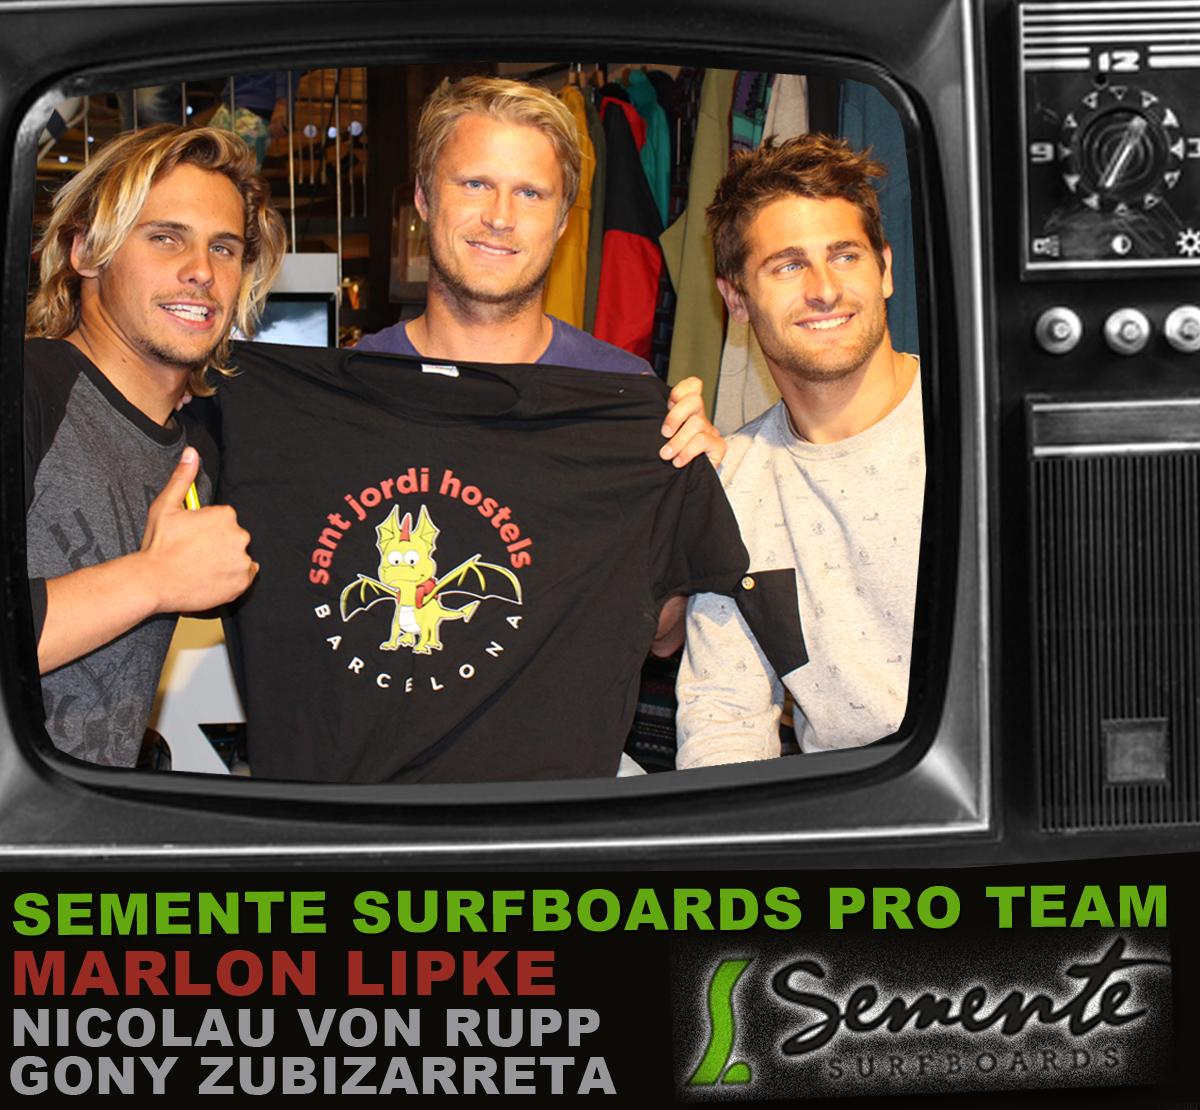 sant jordi hostels_semente surfboards